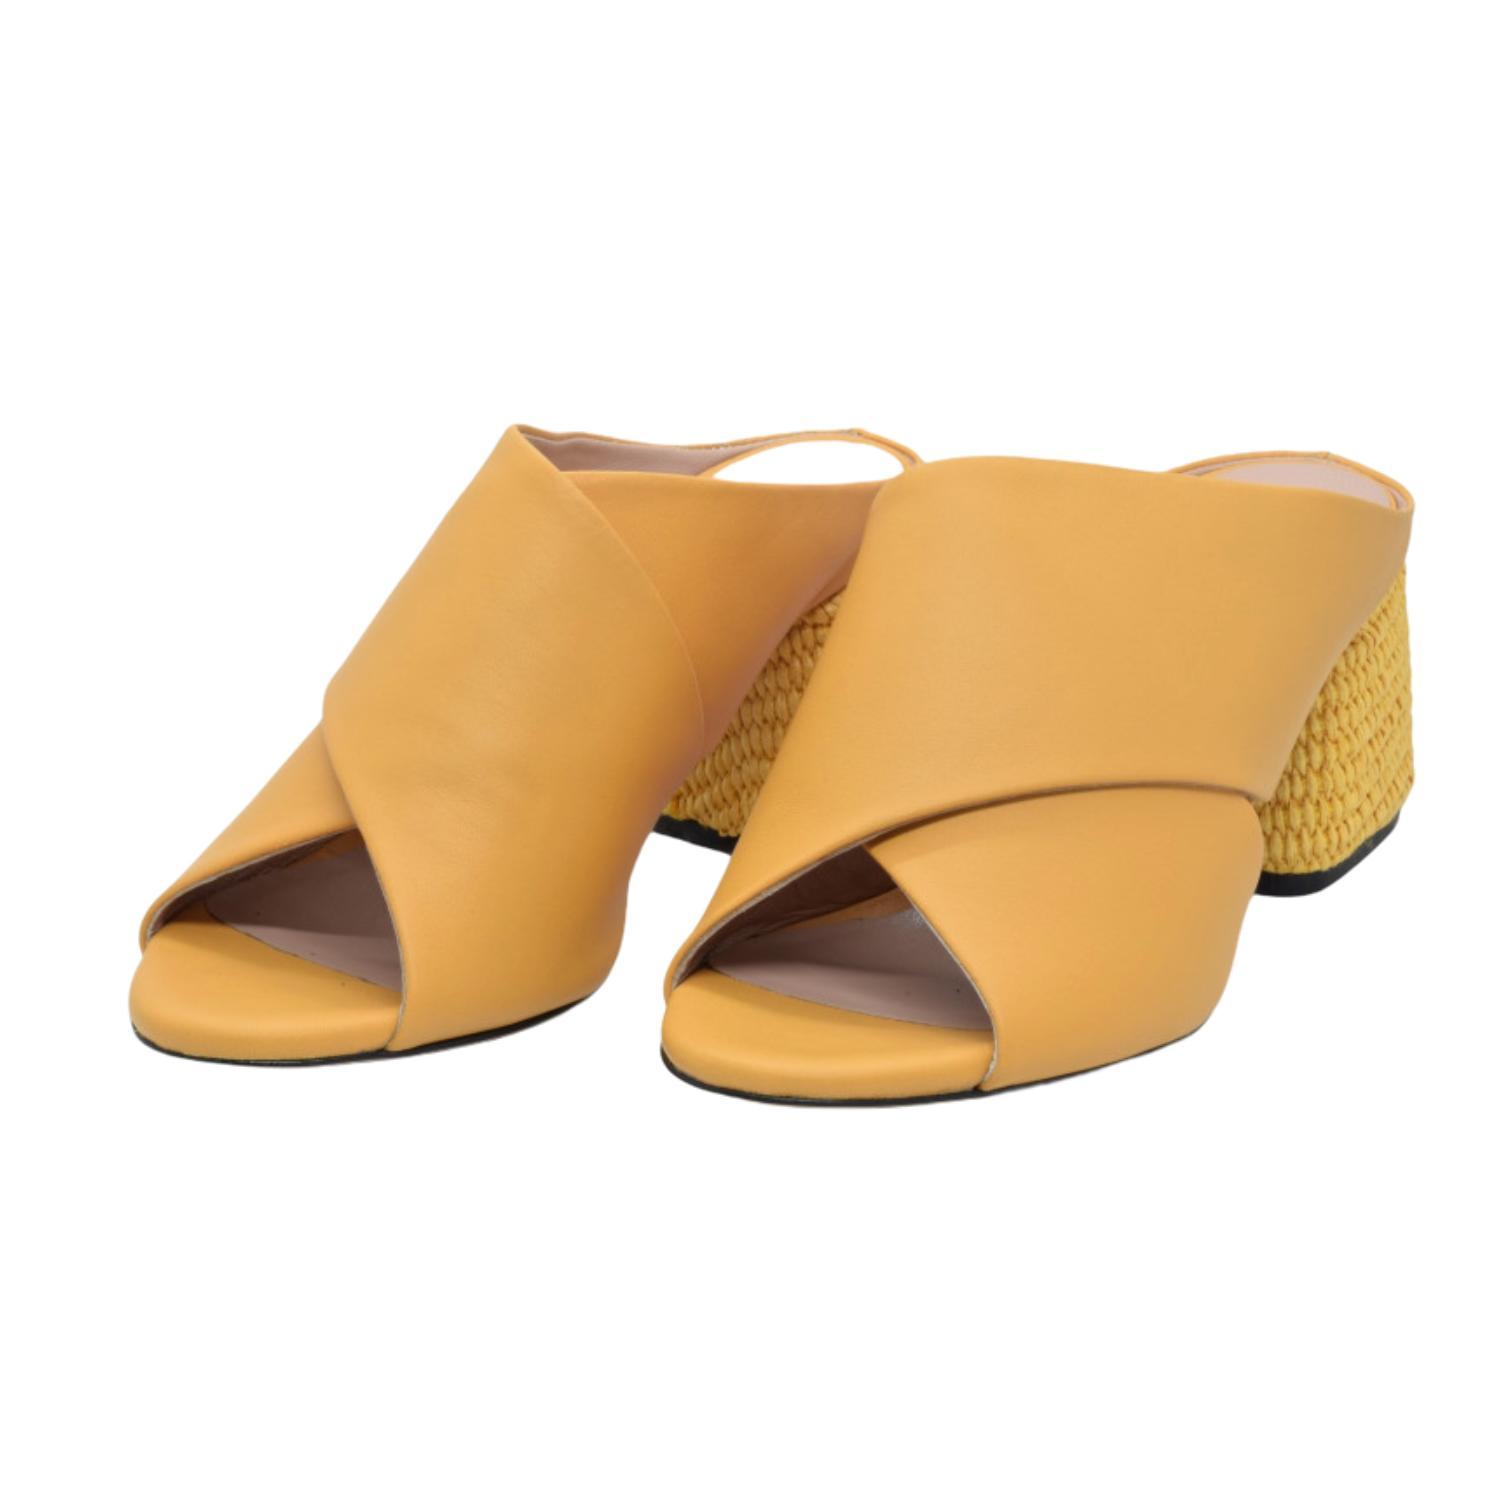 Sandale galbene cu toc stilizat